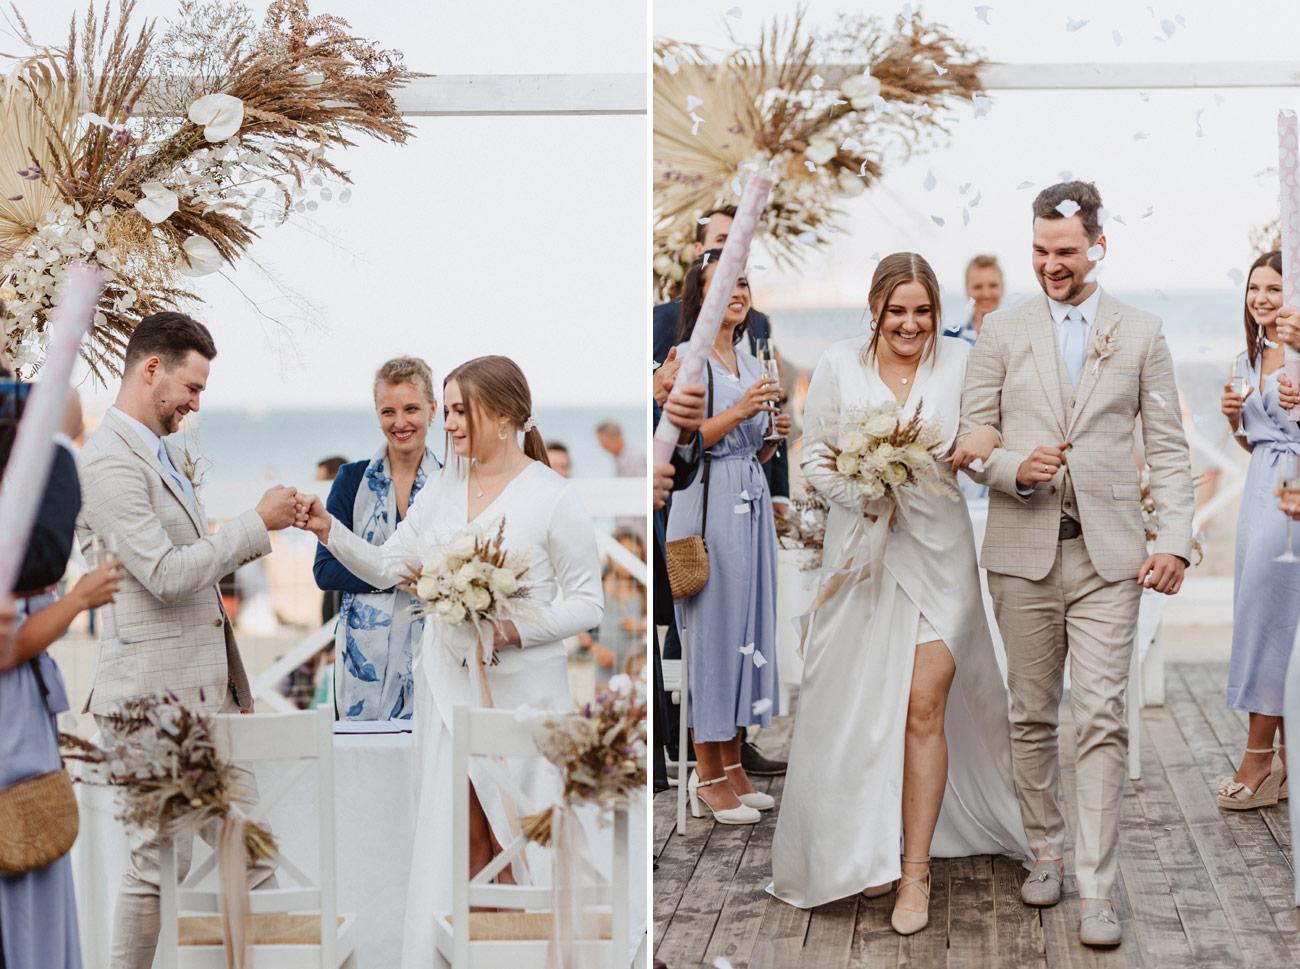 Minimalistyczny ślub na plaży | White Marlin A+K 55 252 alebosco ceremonia na plazy ak white marlin